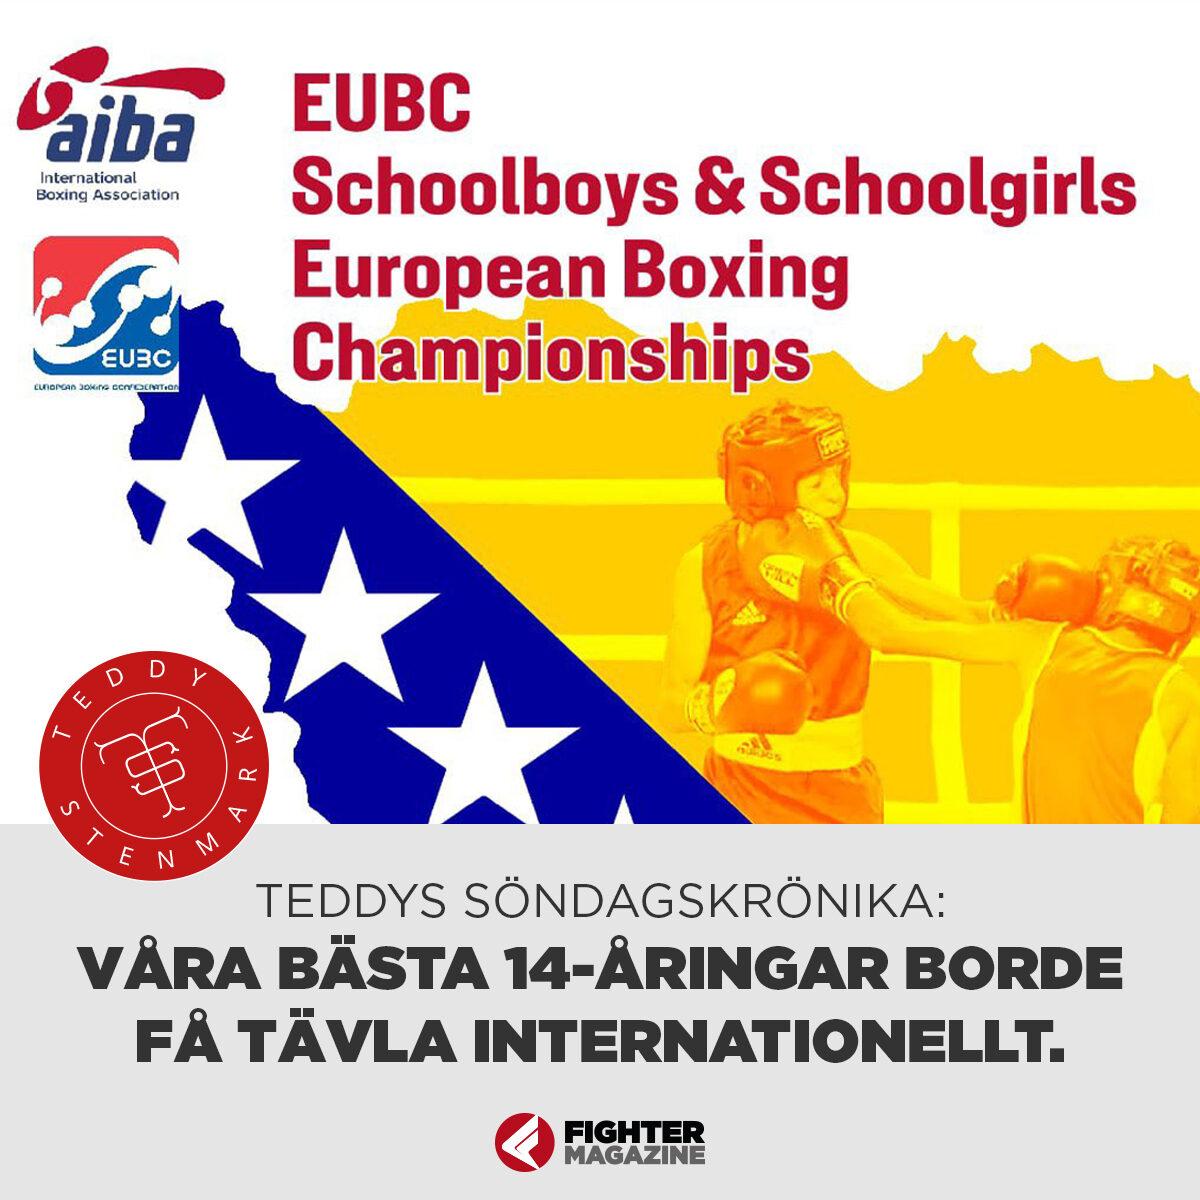 Söndagskrönikan: Våra bästa 14-åringar i boxning borde få tävla internationellt